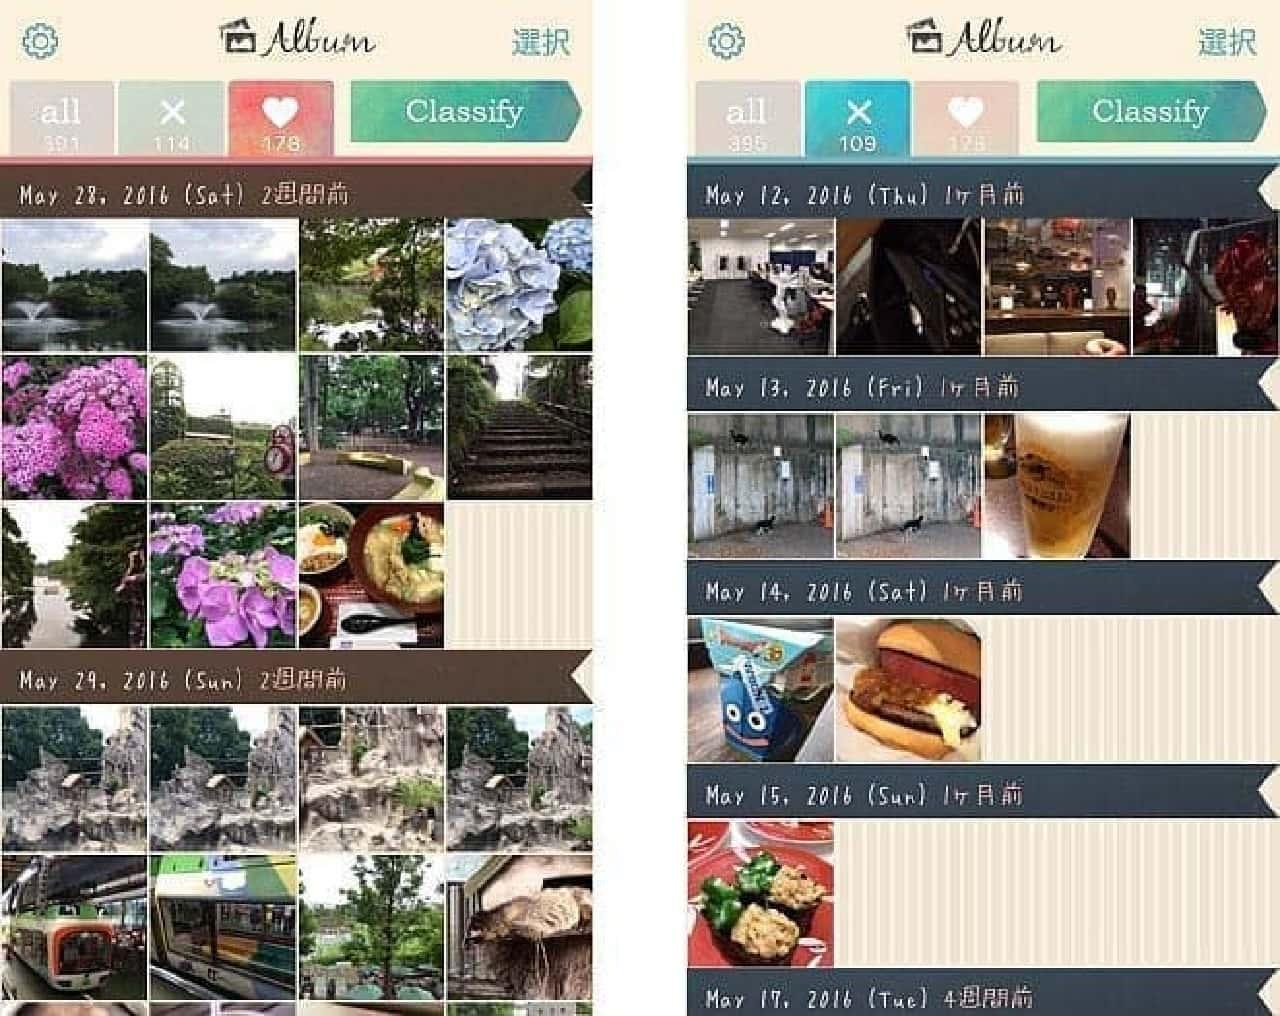 アルバム整理&写真コラージュ合成アプリ「eluv」